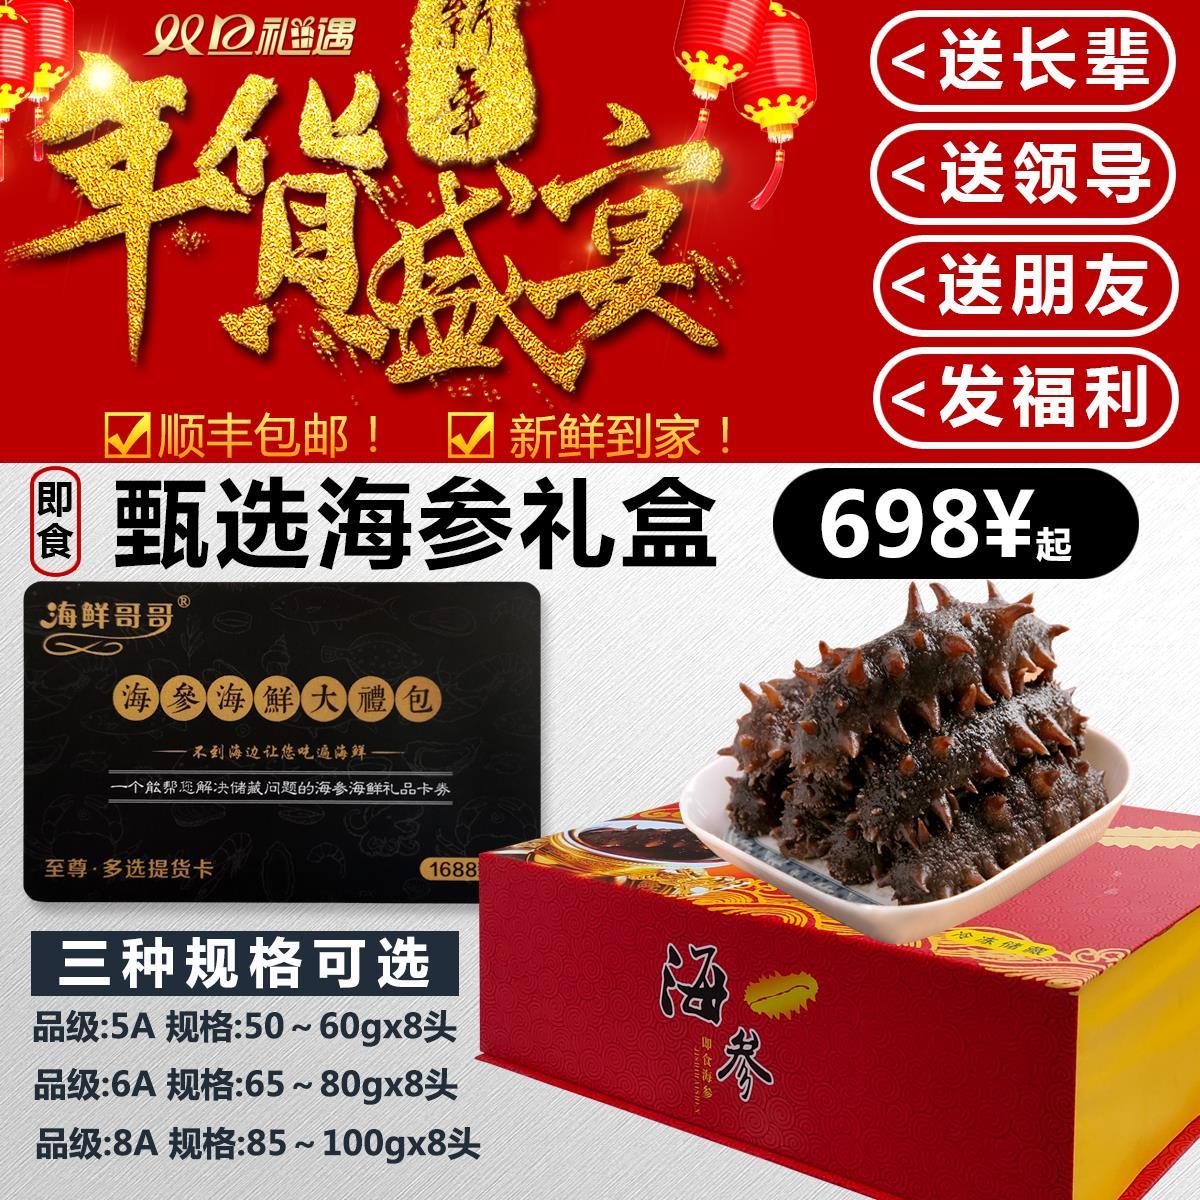 海鲜礼盒3288帝王蟹年夜饭大礼包